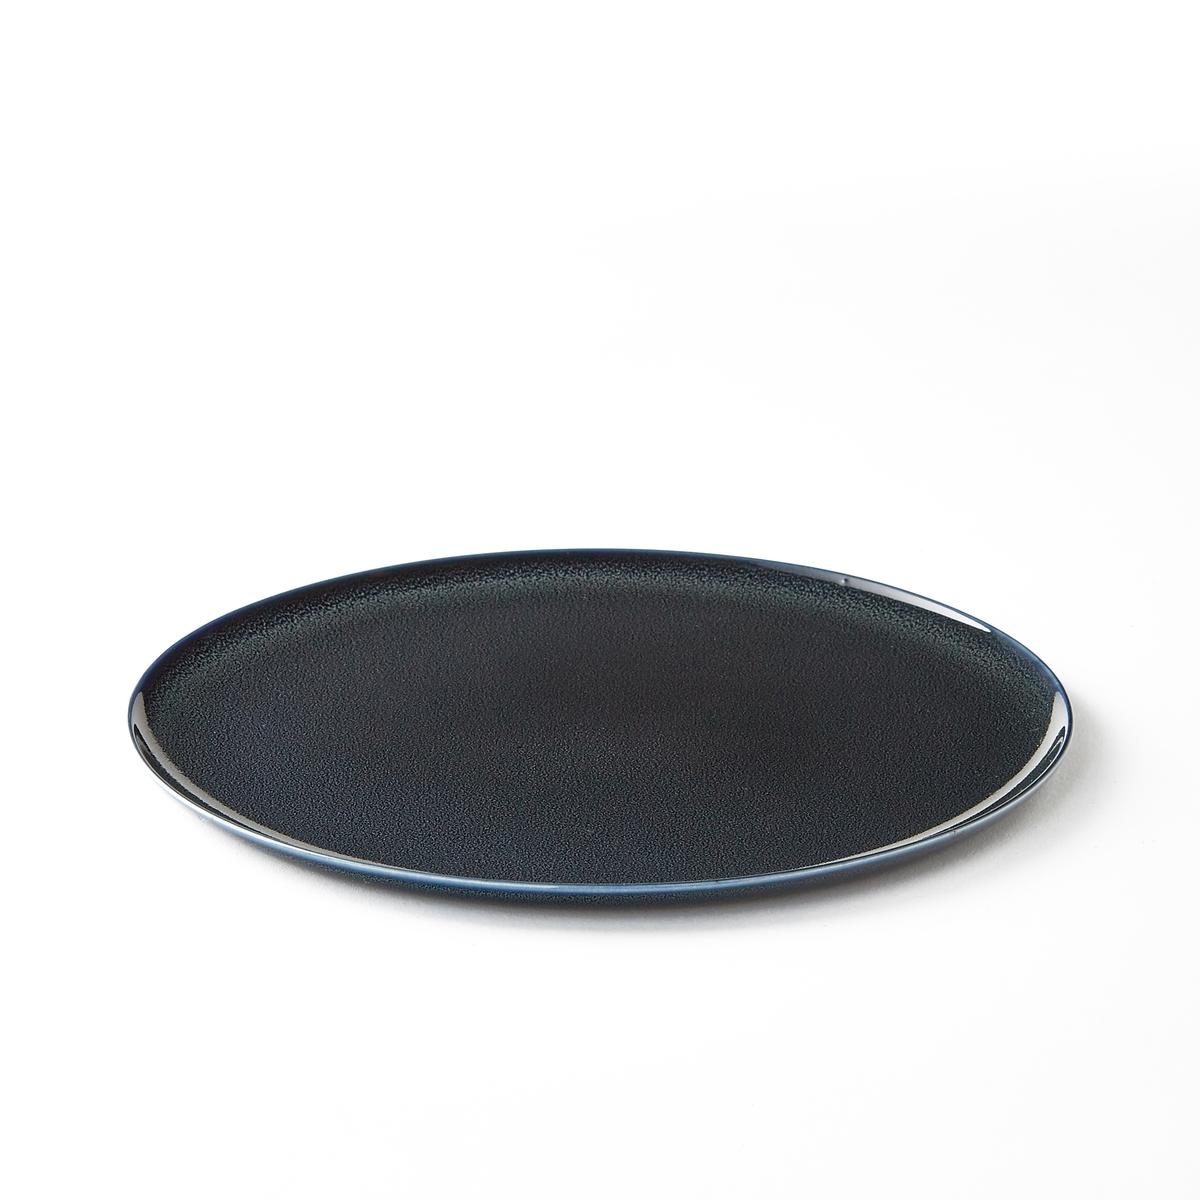 Тарелка мелкая из керамики, диаметр 26 см, BanokaМелкая тарелка из керамики, покрытой глазурью, Banoka придаст Вашему интерьеру ярких цветов и перенесет Ваших гостей в мечту. Размеры : диаметр 26 x высота 0,50 см.<br><br>Цвет: серо-синий,темно-красный